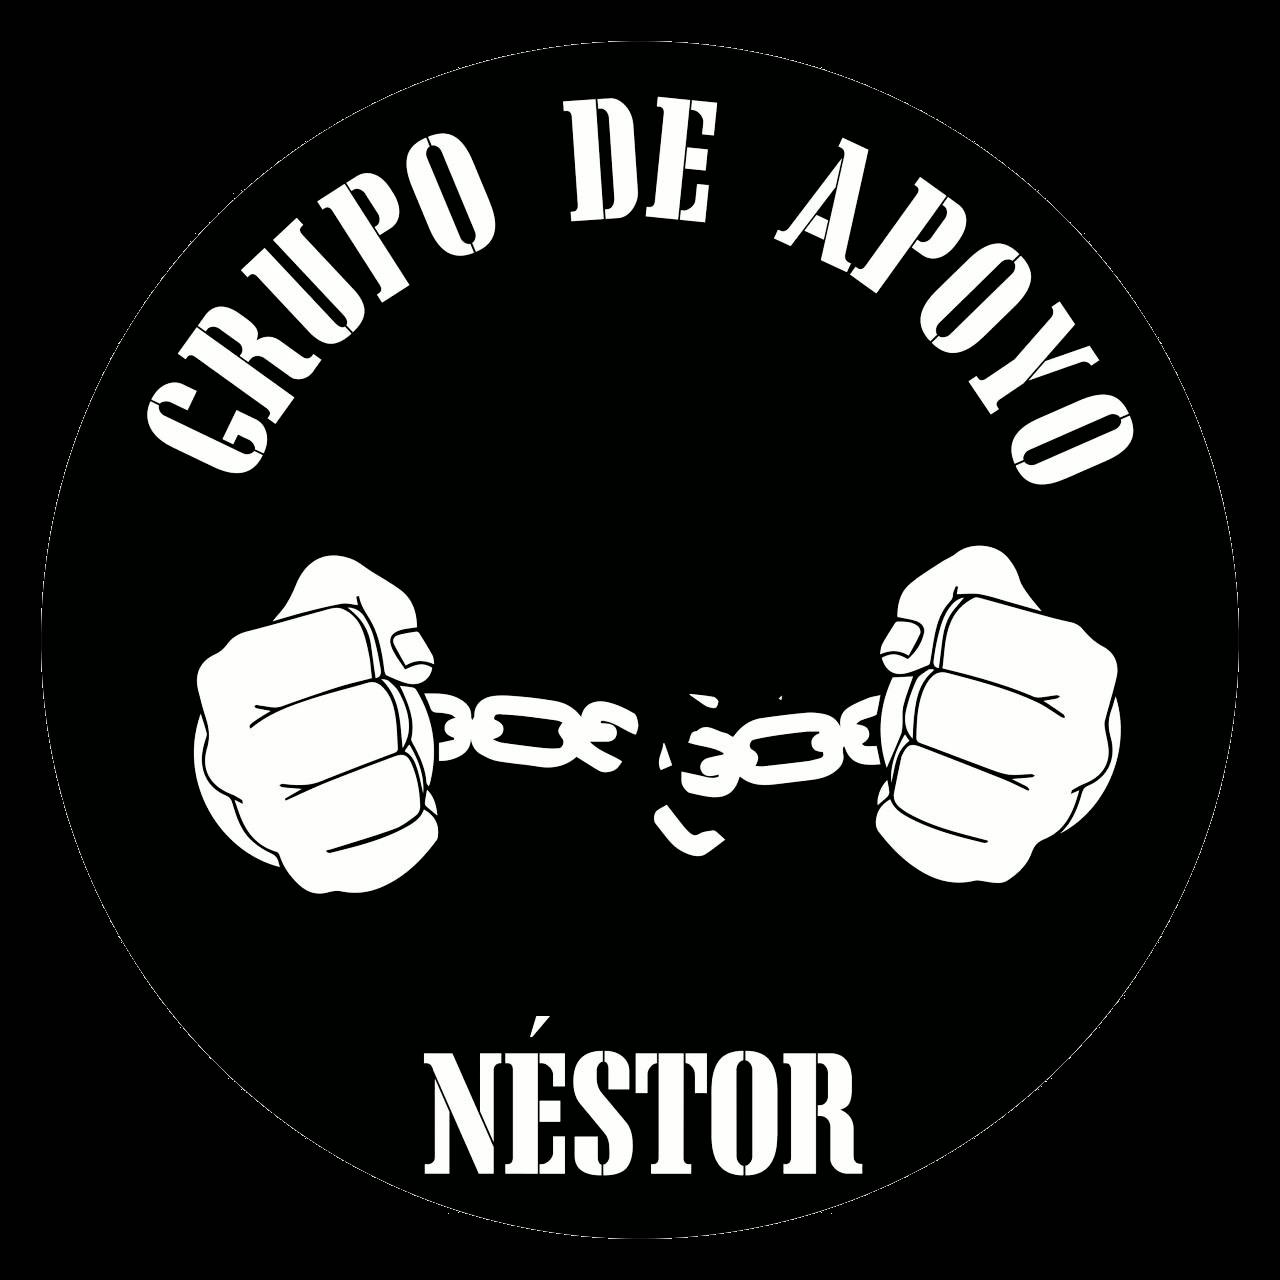 Grupo de Apoyo a Nestor